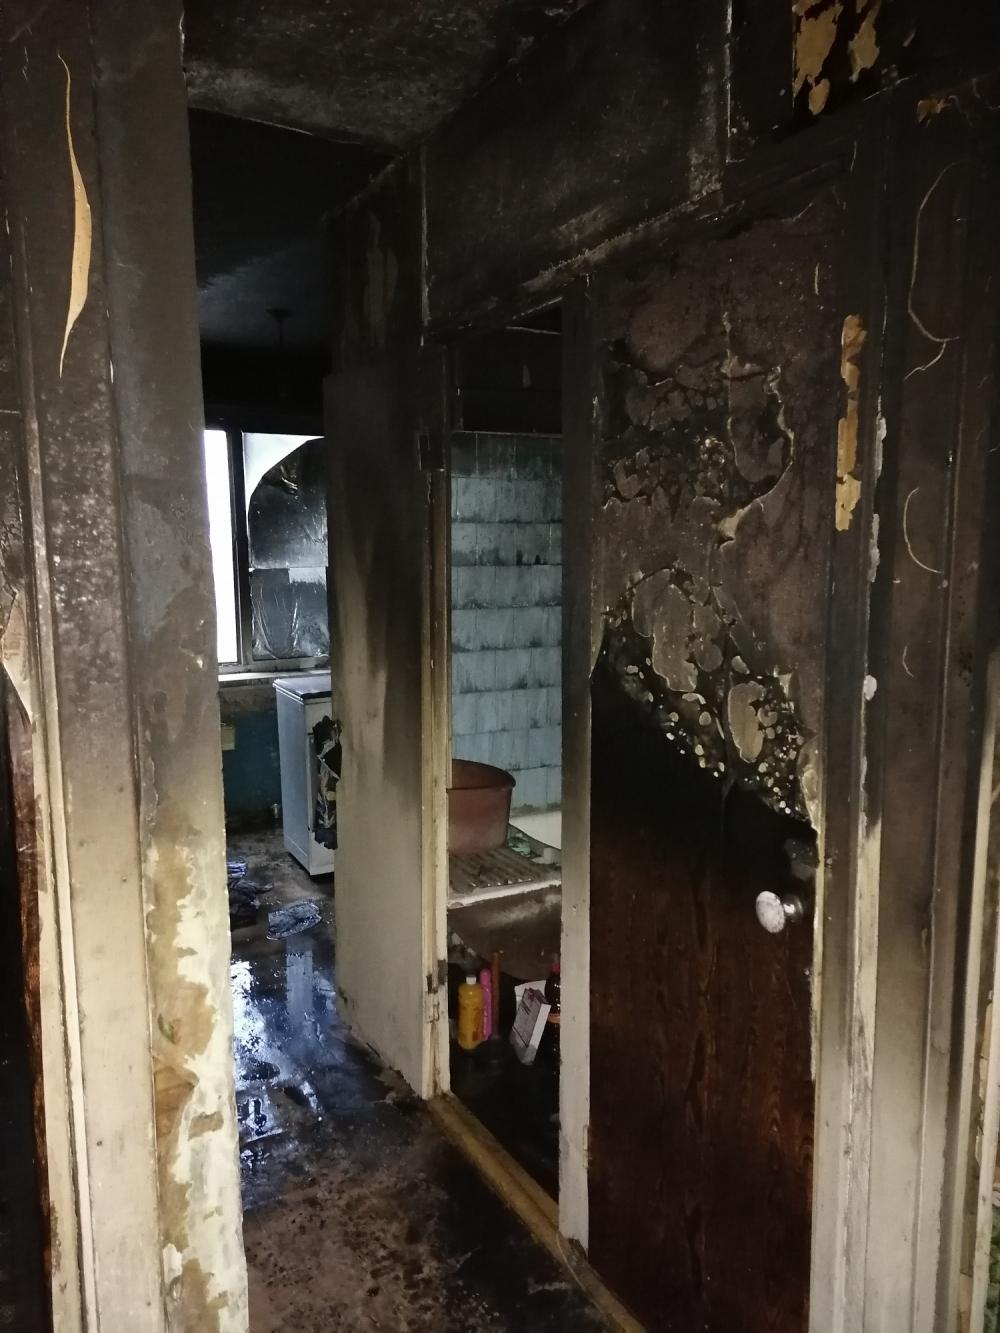 Внутренняя отделка, мебель и бытовая техника серьезно пострадала в очаге возгорания.